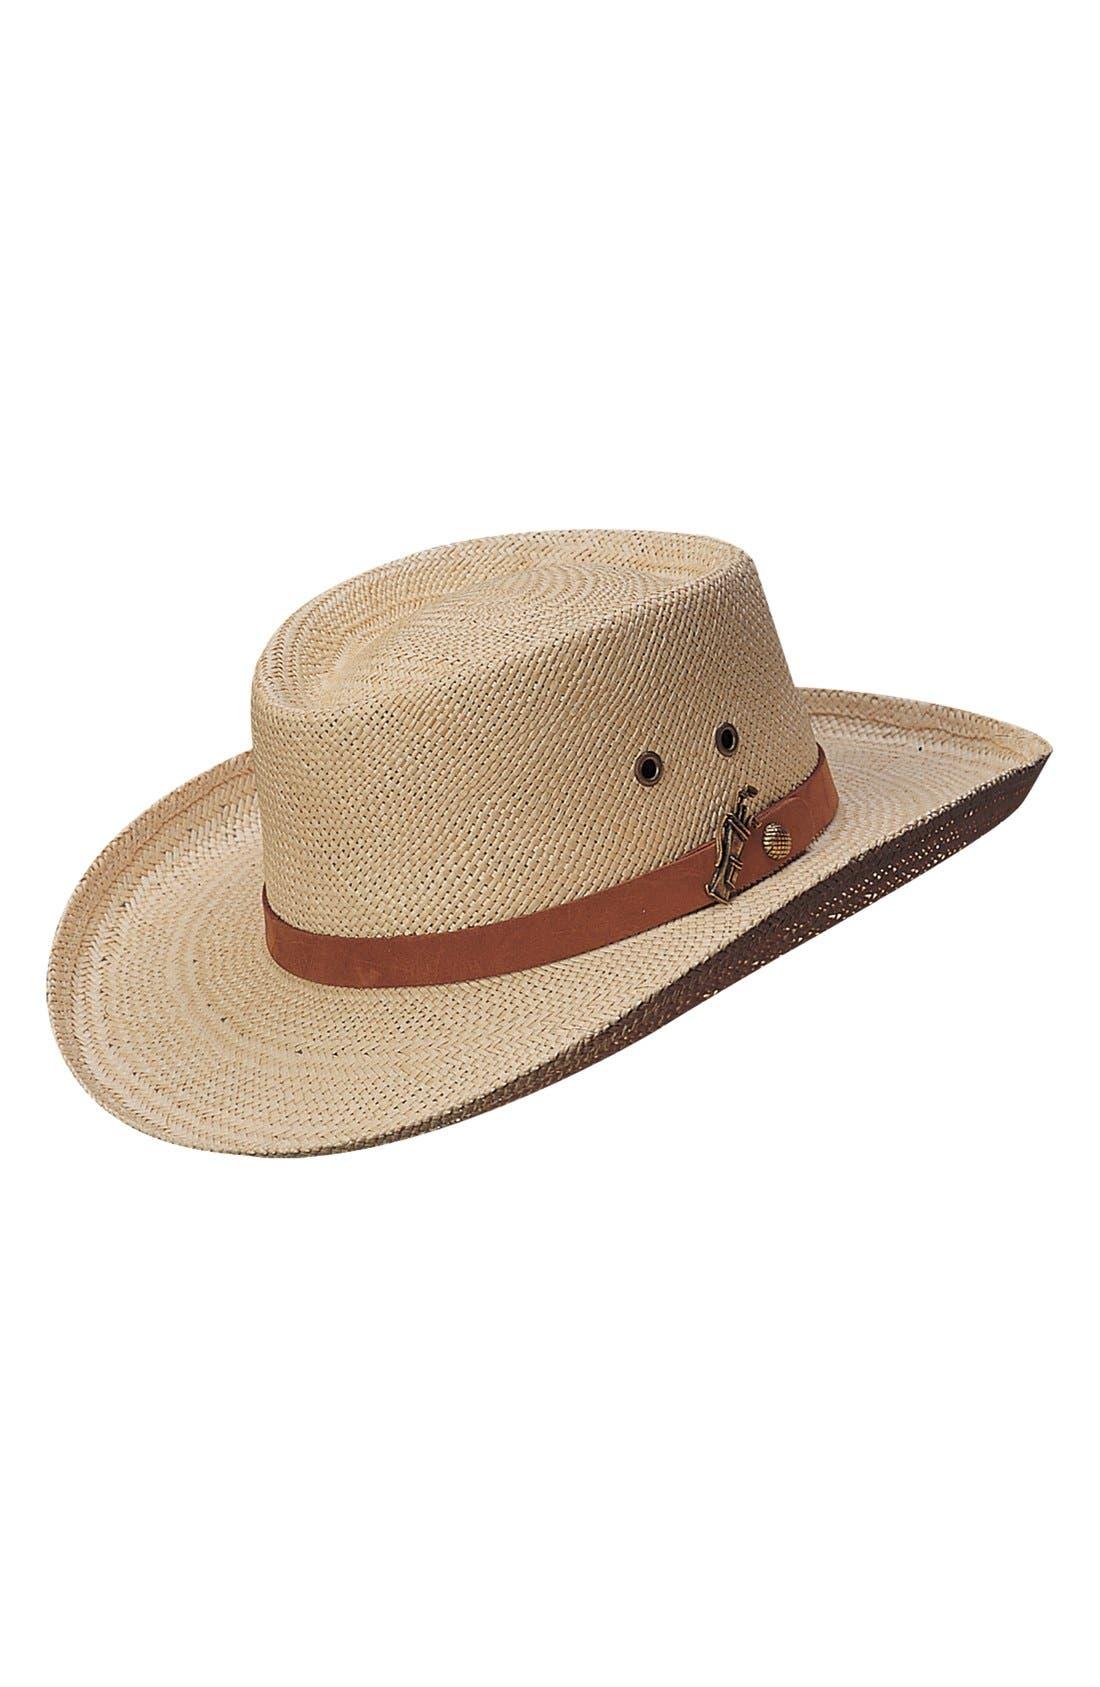 Main Image - Scala Palm Gambler Hat